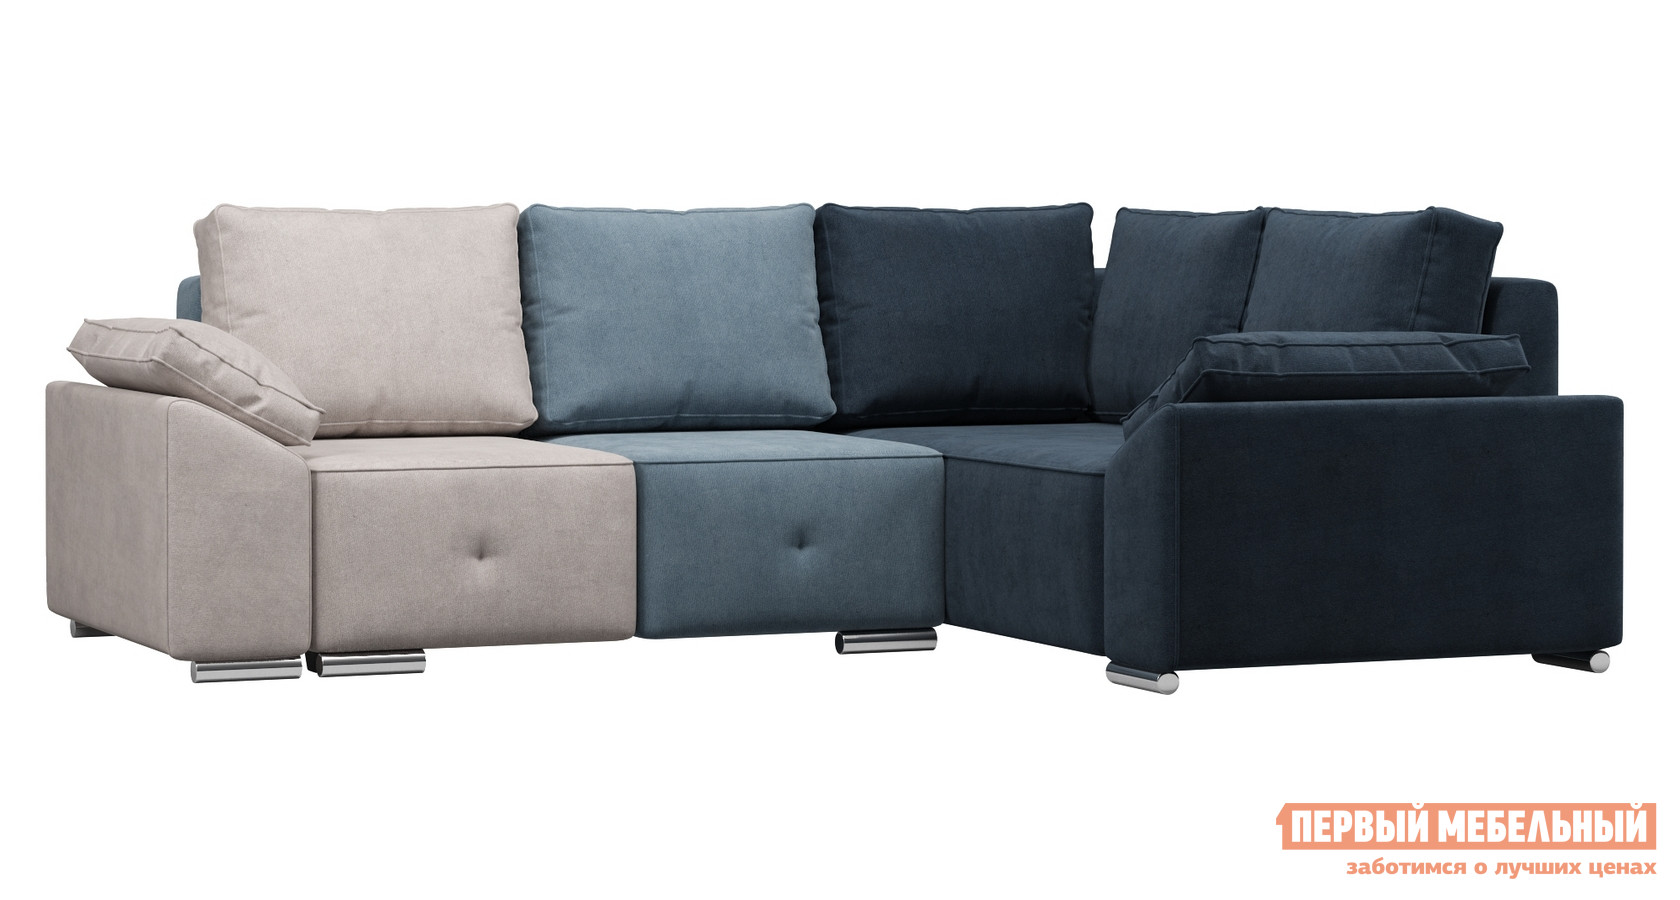 Угловой диван WOODCRAFT Фанки комплект угловой диван угловой woodcraft вендор джеральд 3 универсальный